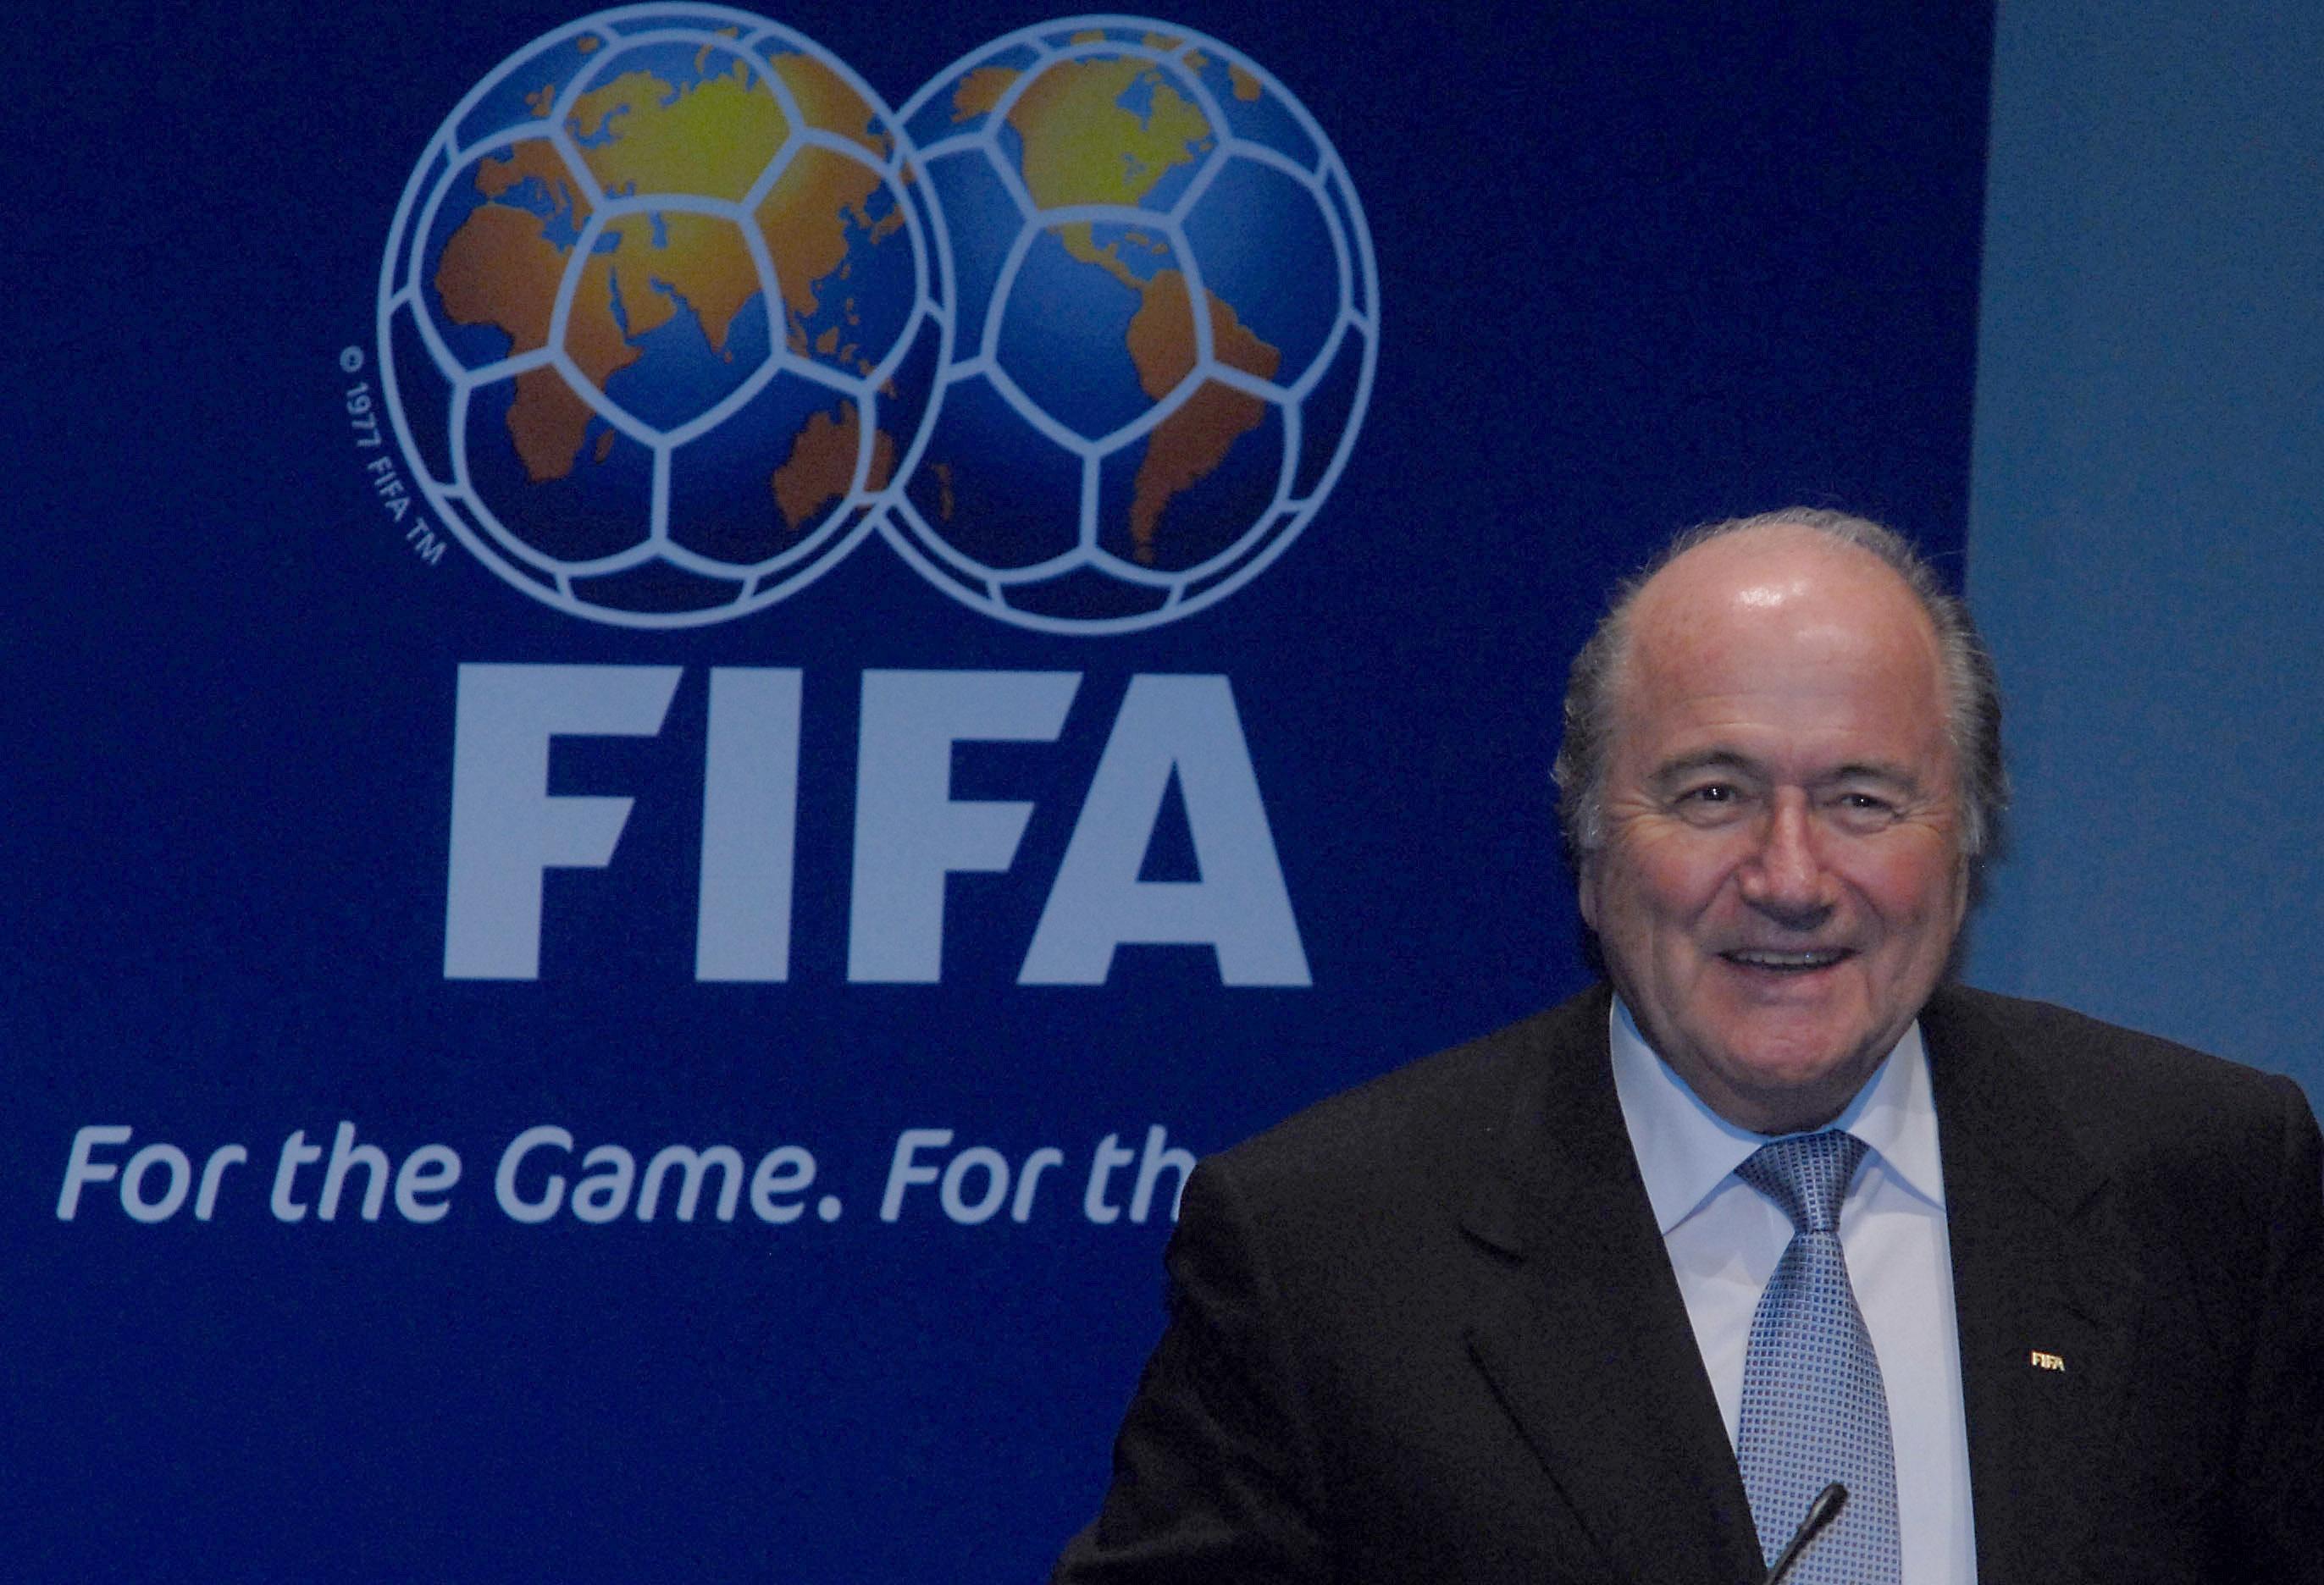 sepp_blatter_at_announcement_of_brazil_as_2014_fifa_world_cup_host_2007-10-30_11.jpg